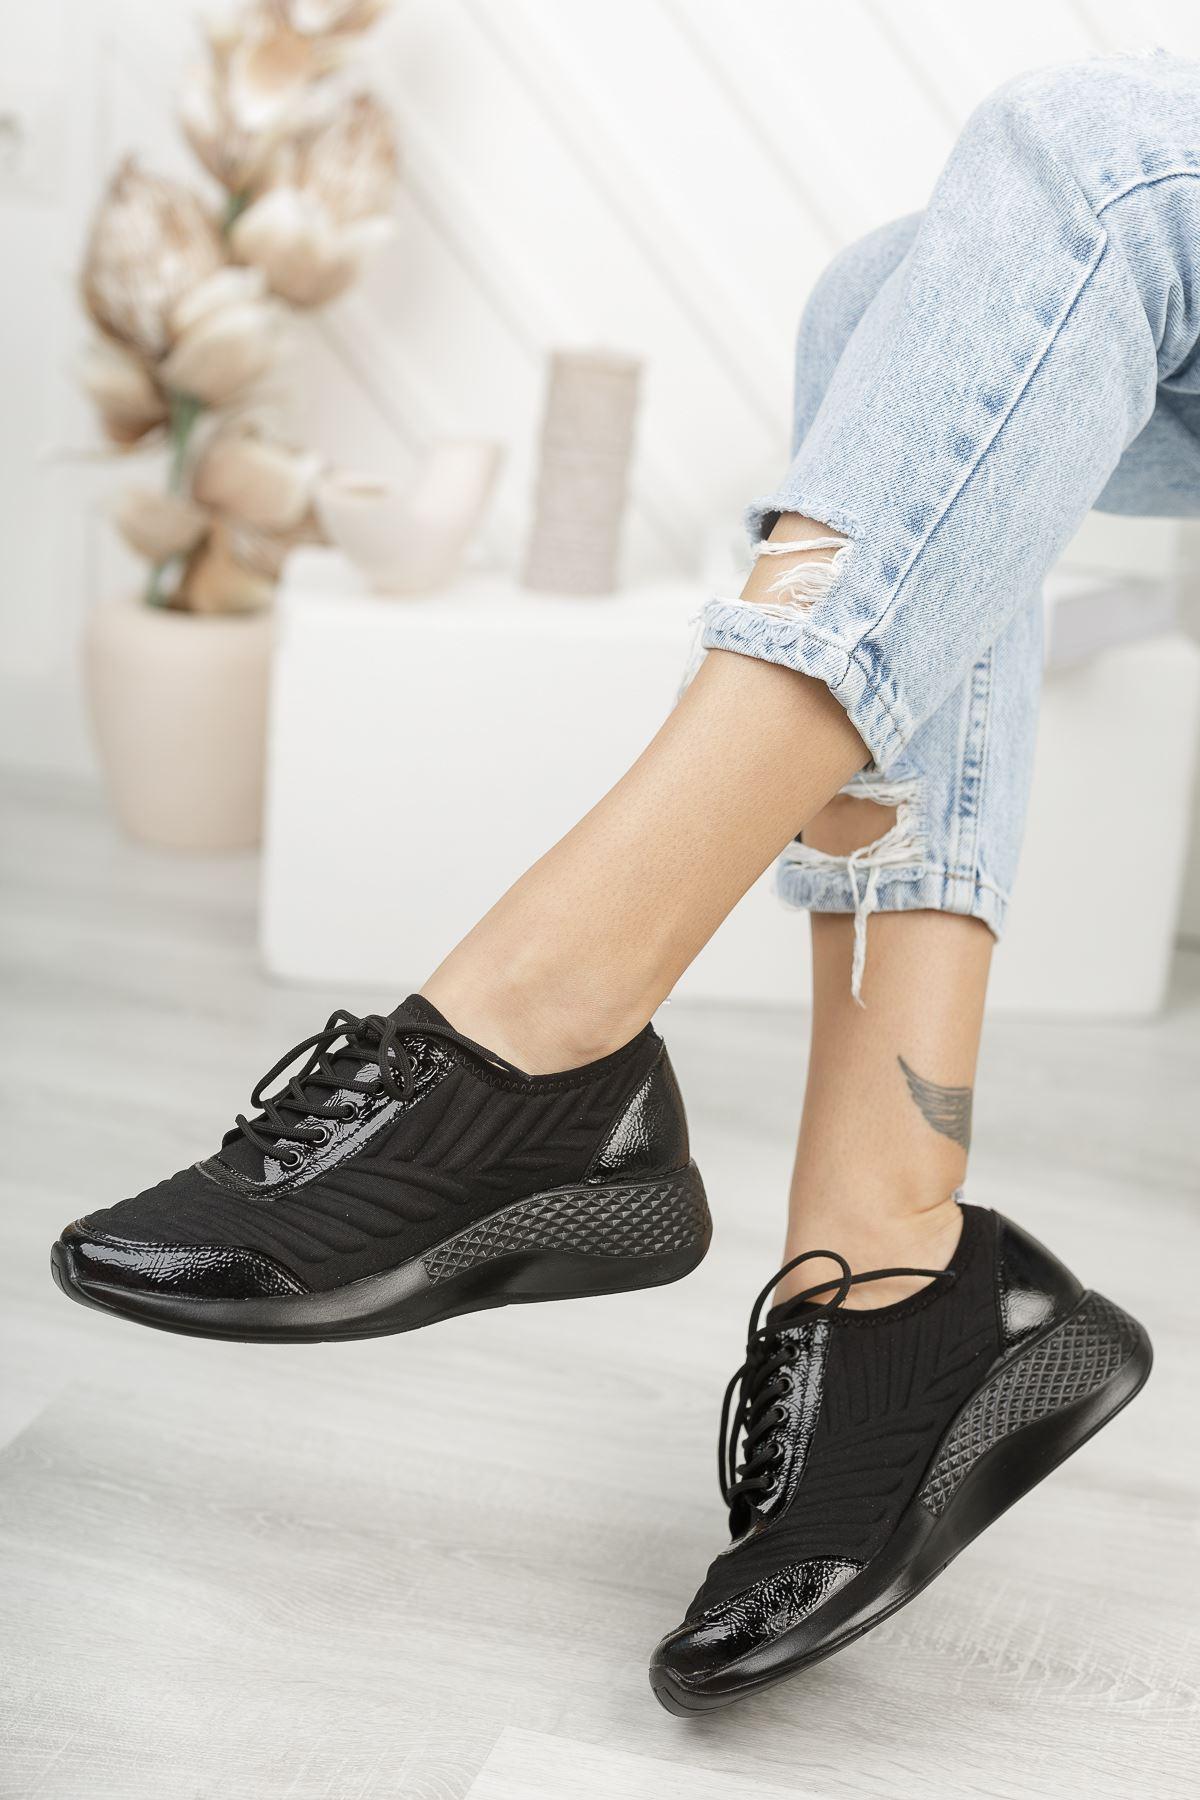 Verda Siyah Parlak Bağcıklı Triko Kadın Spor Ayakkabı